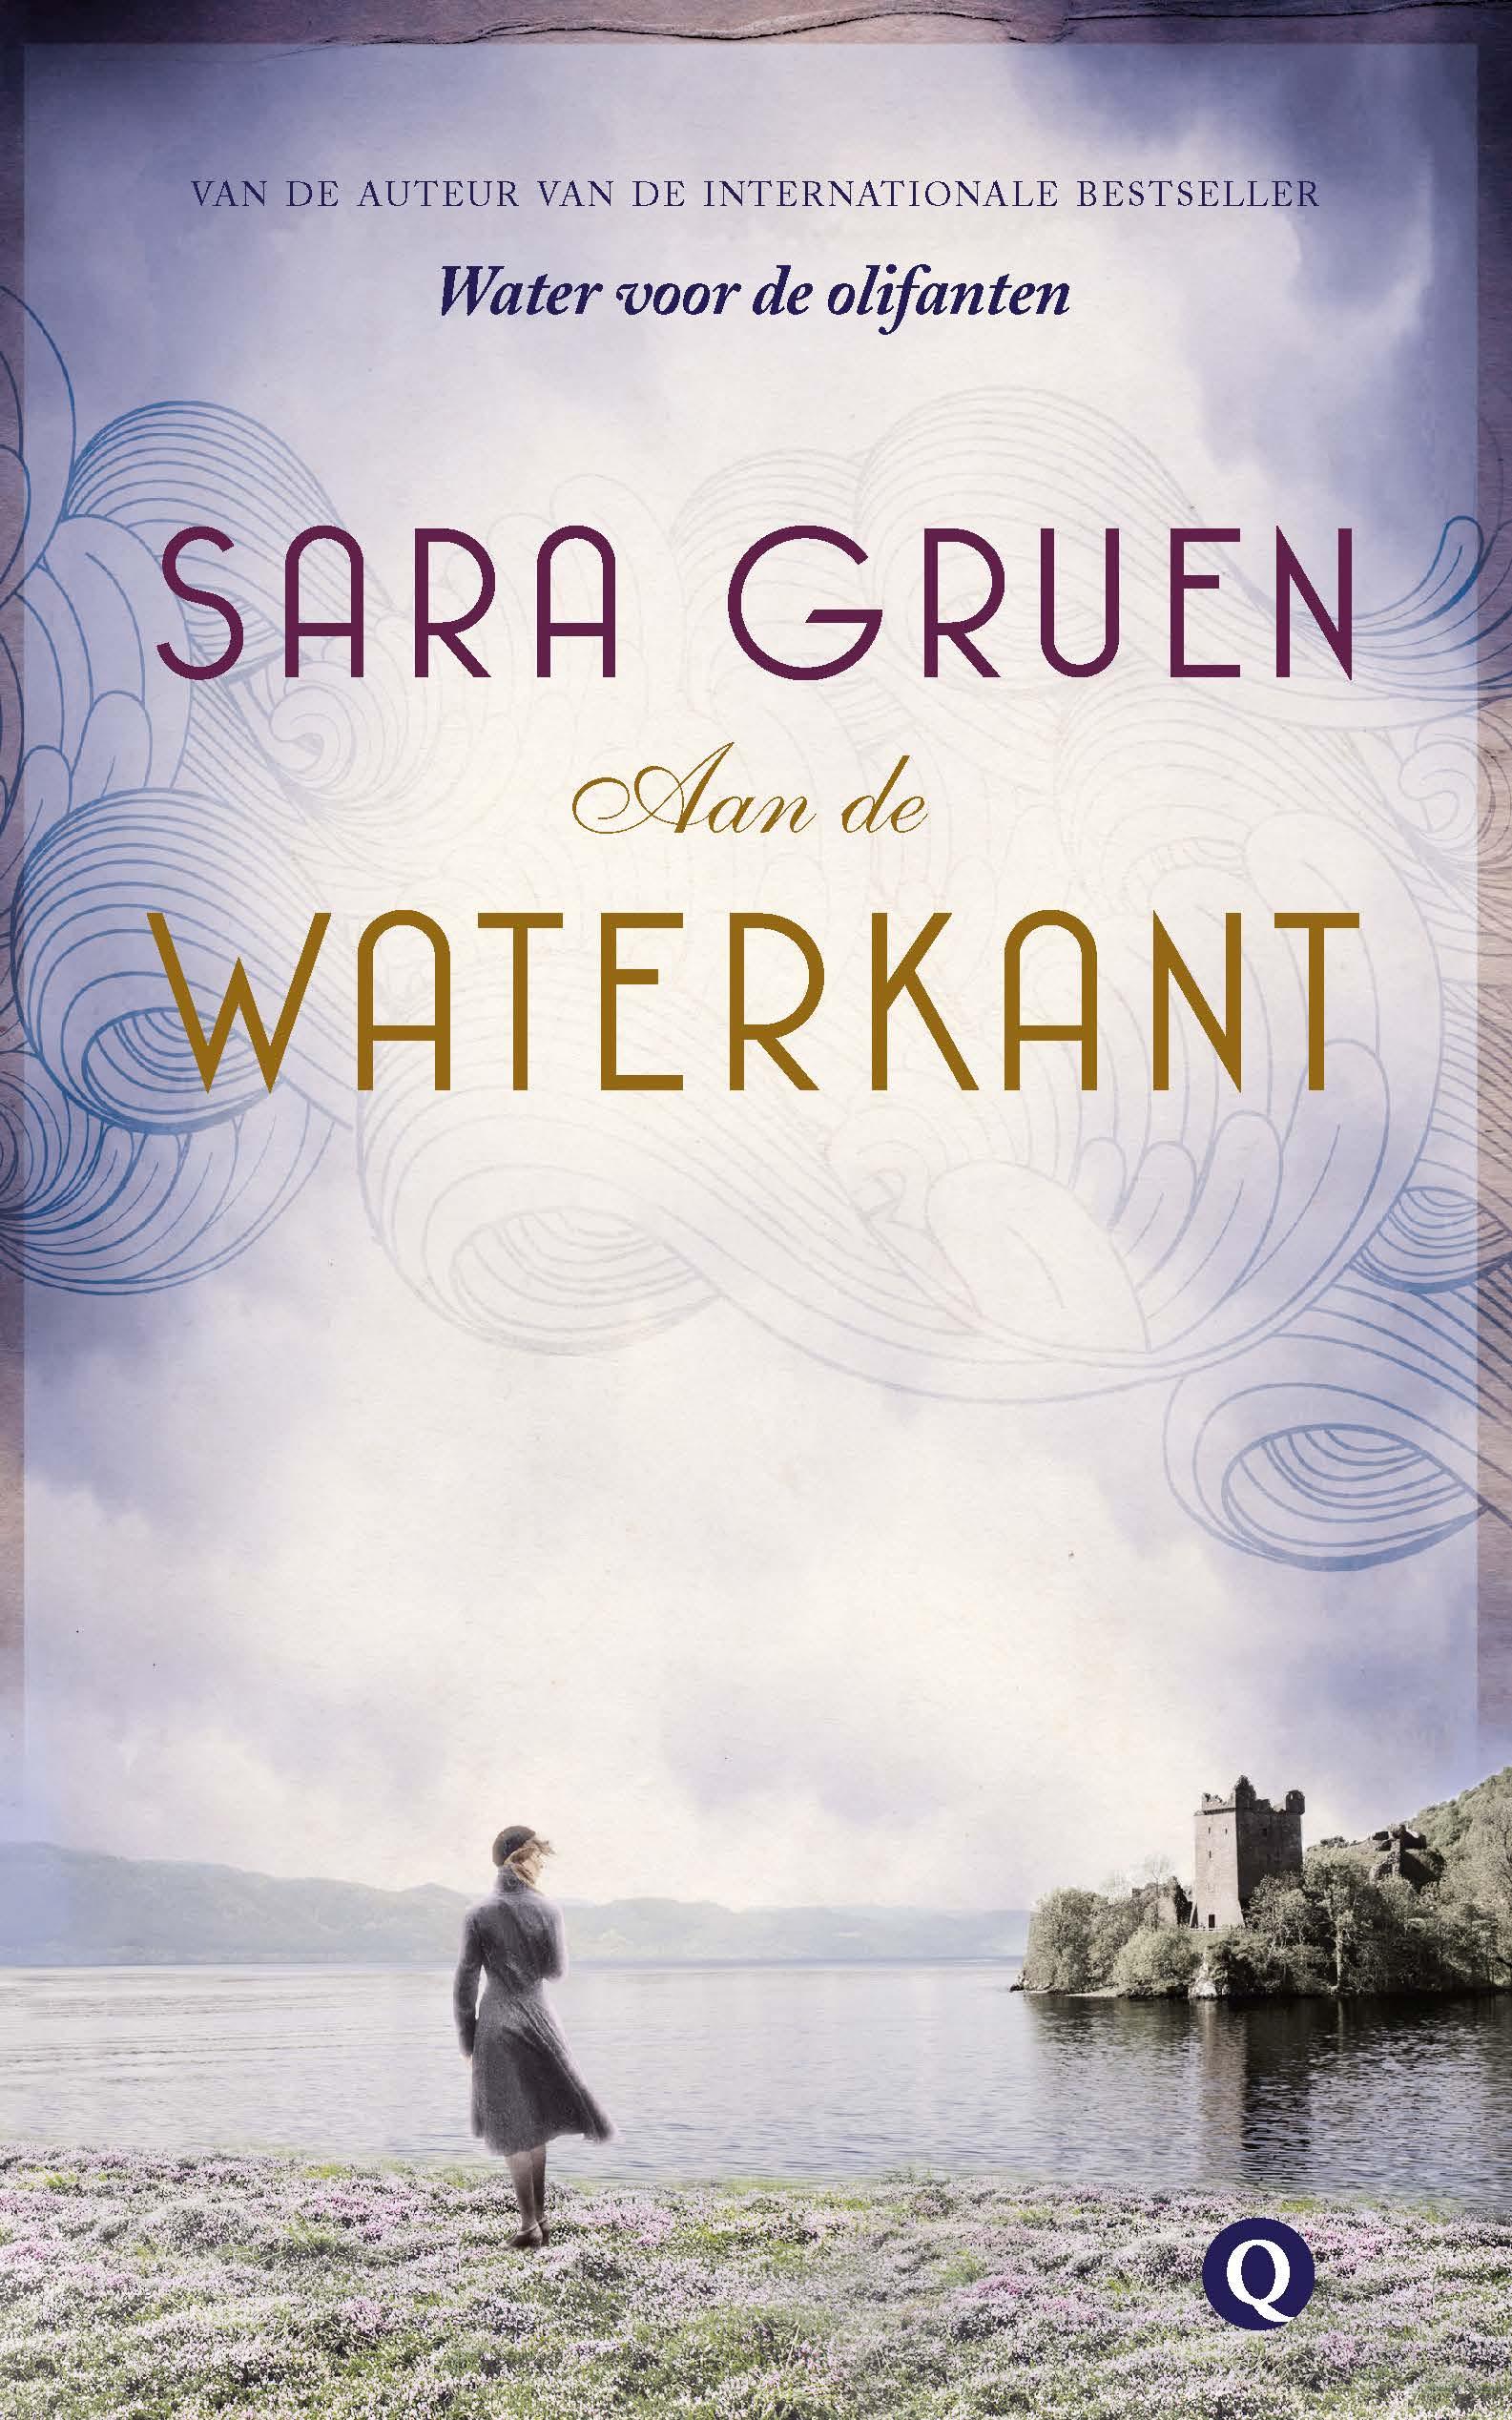 Aan de waterkant – Sara Gruen